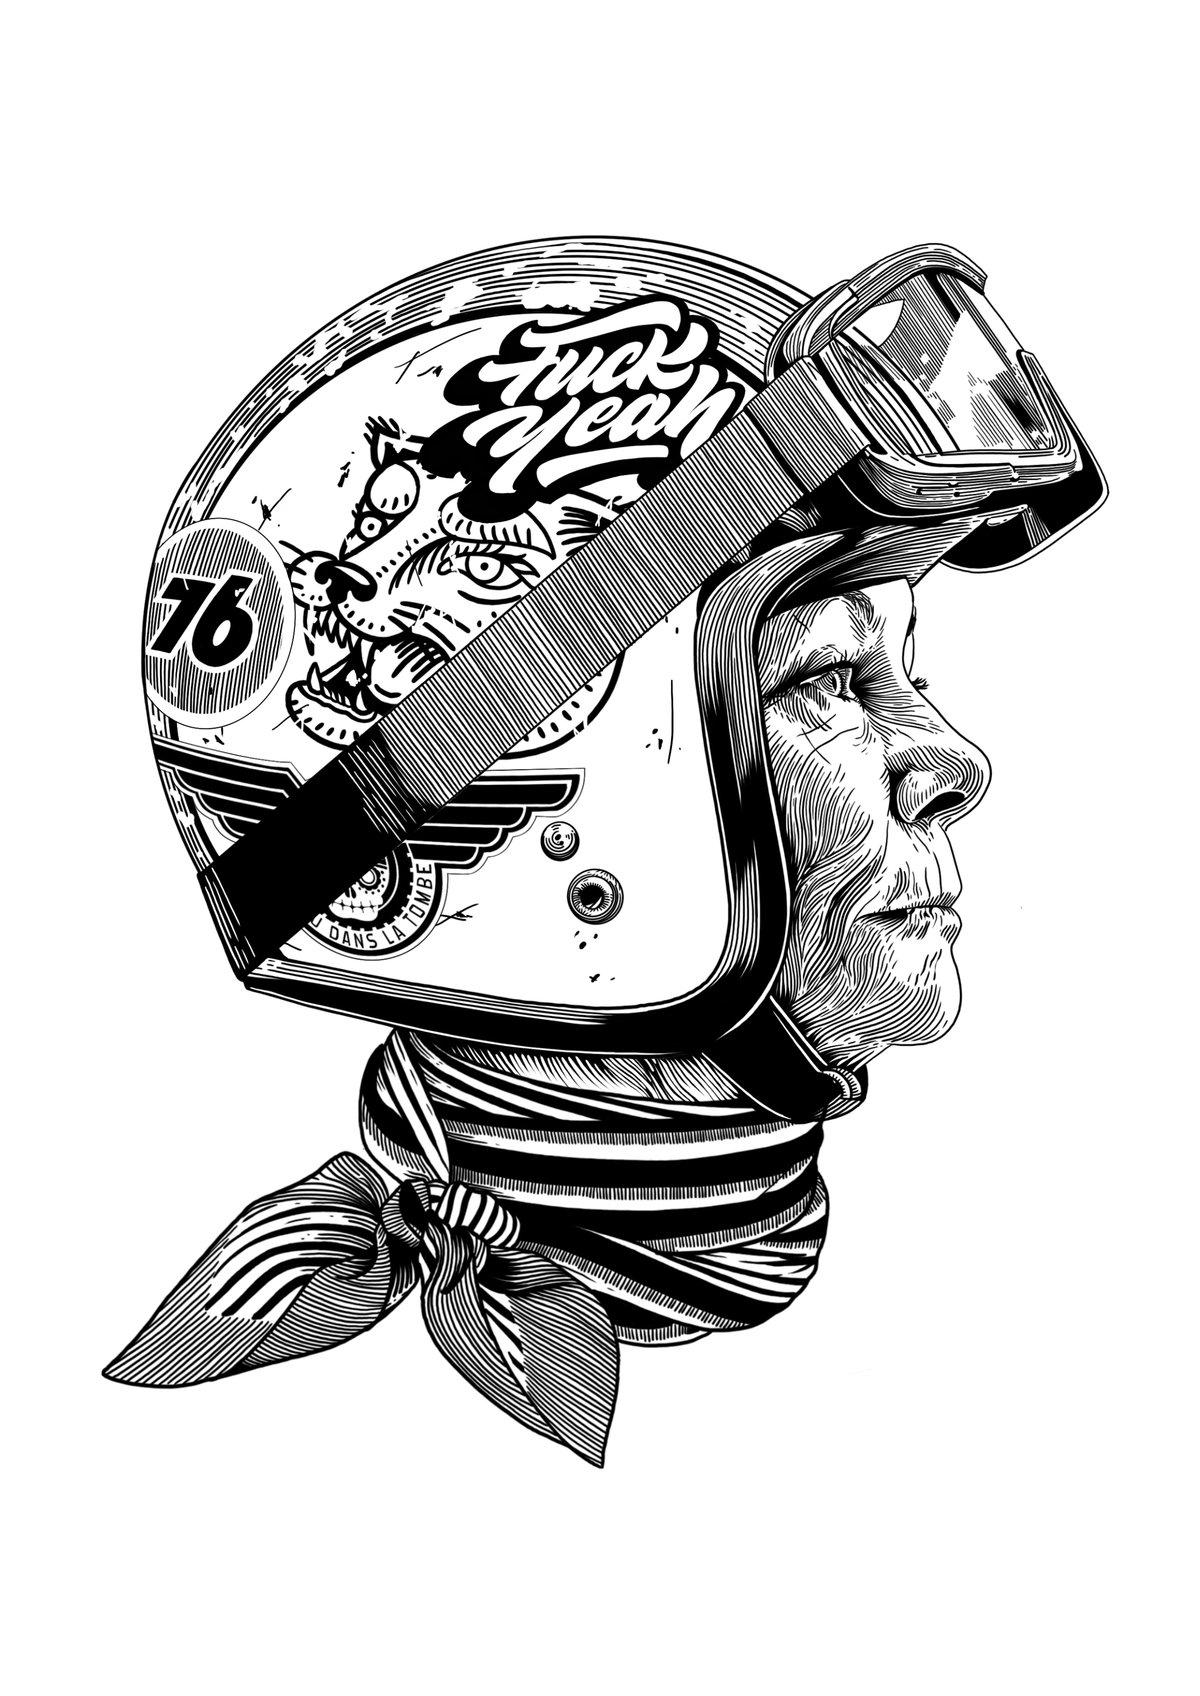 Image of Helmet number 6